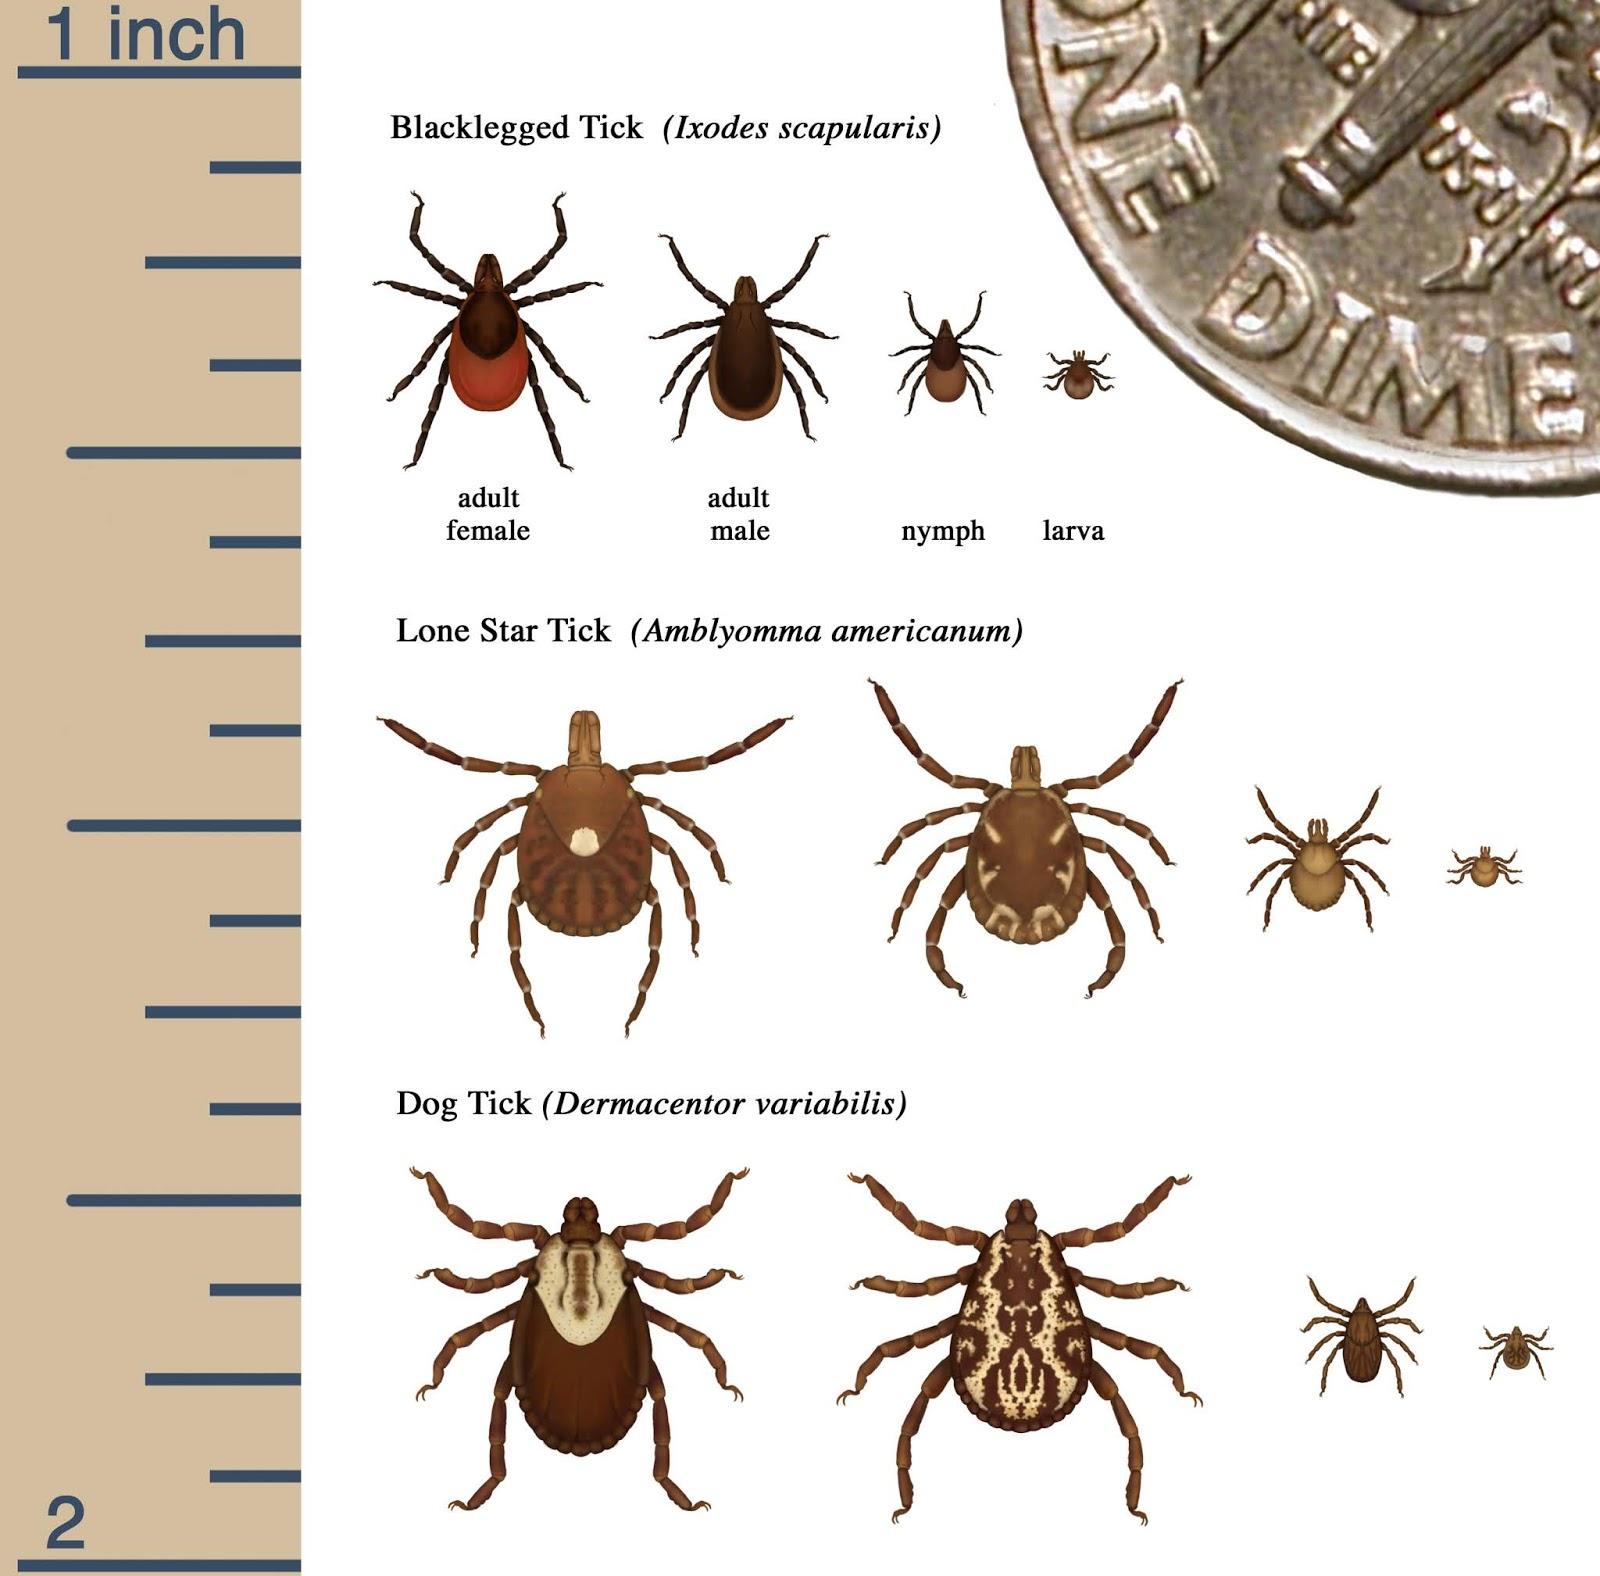 Diagram with tick species